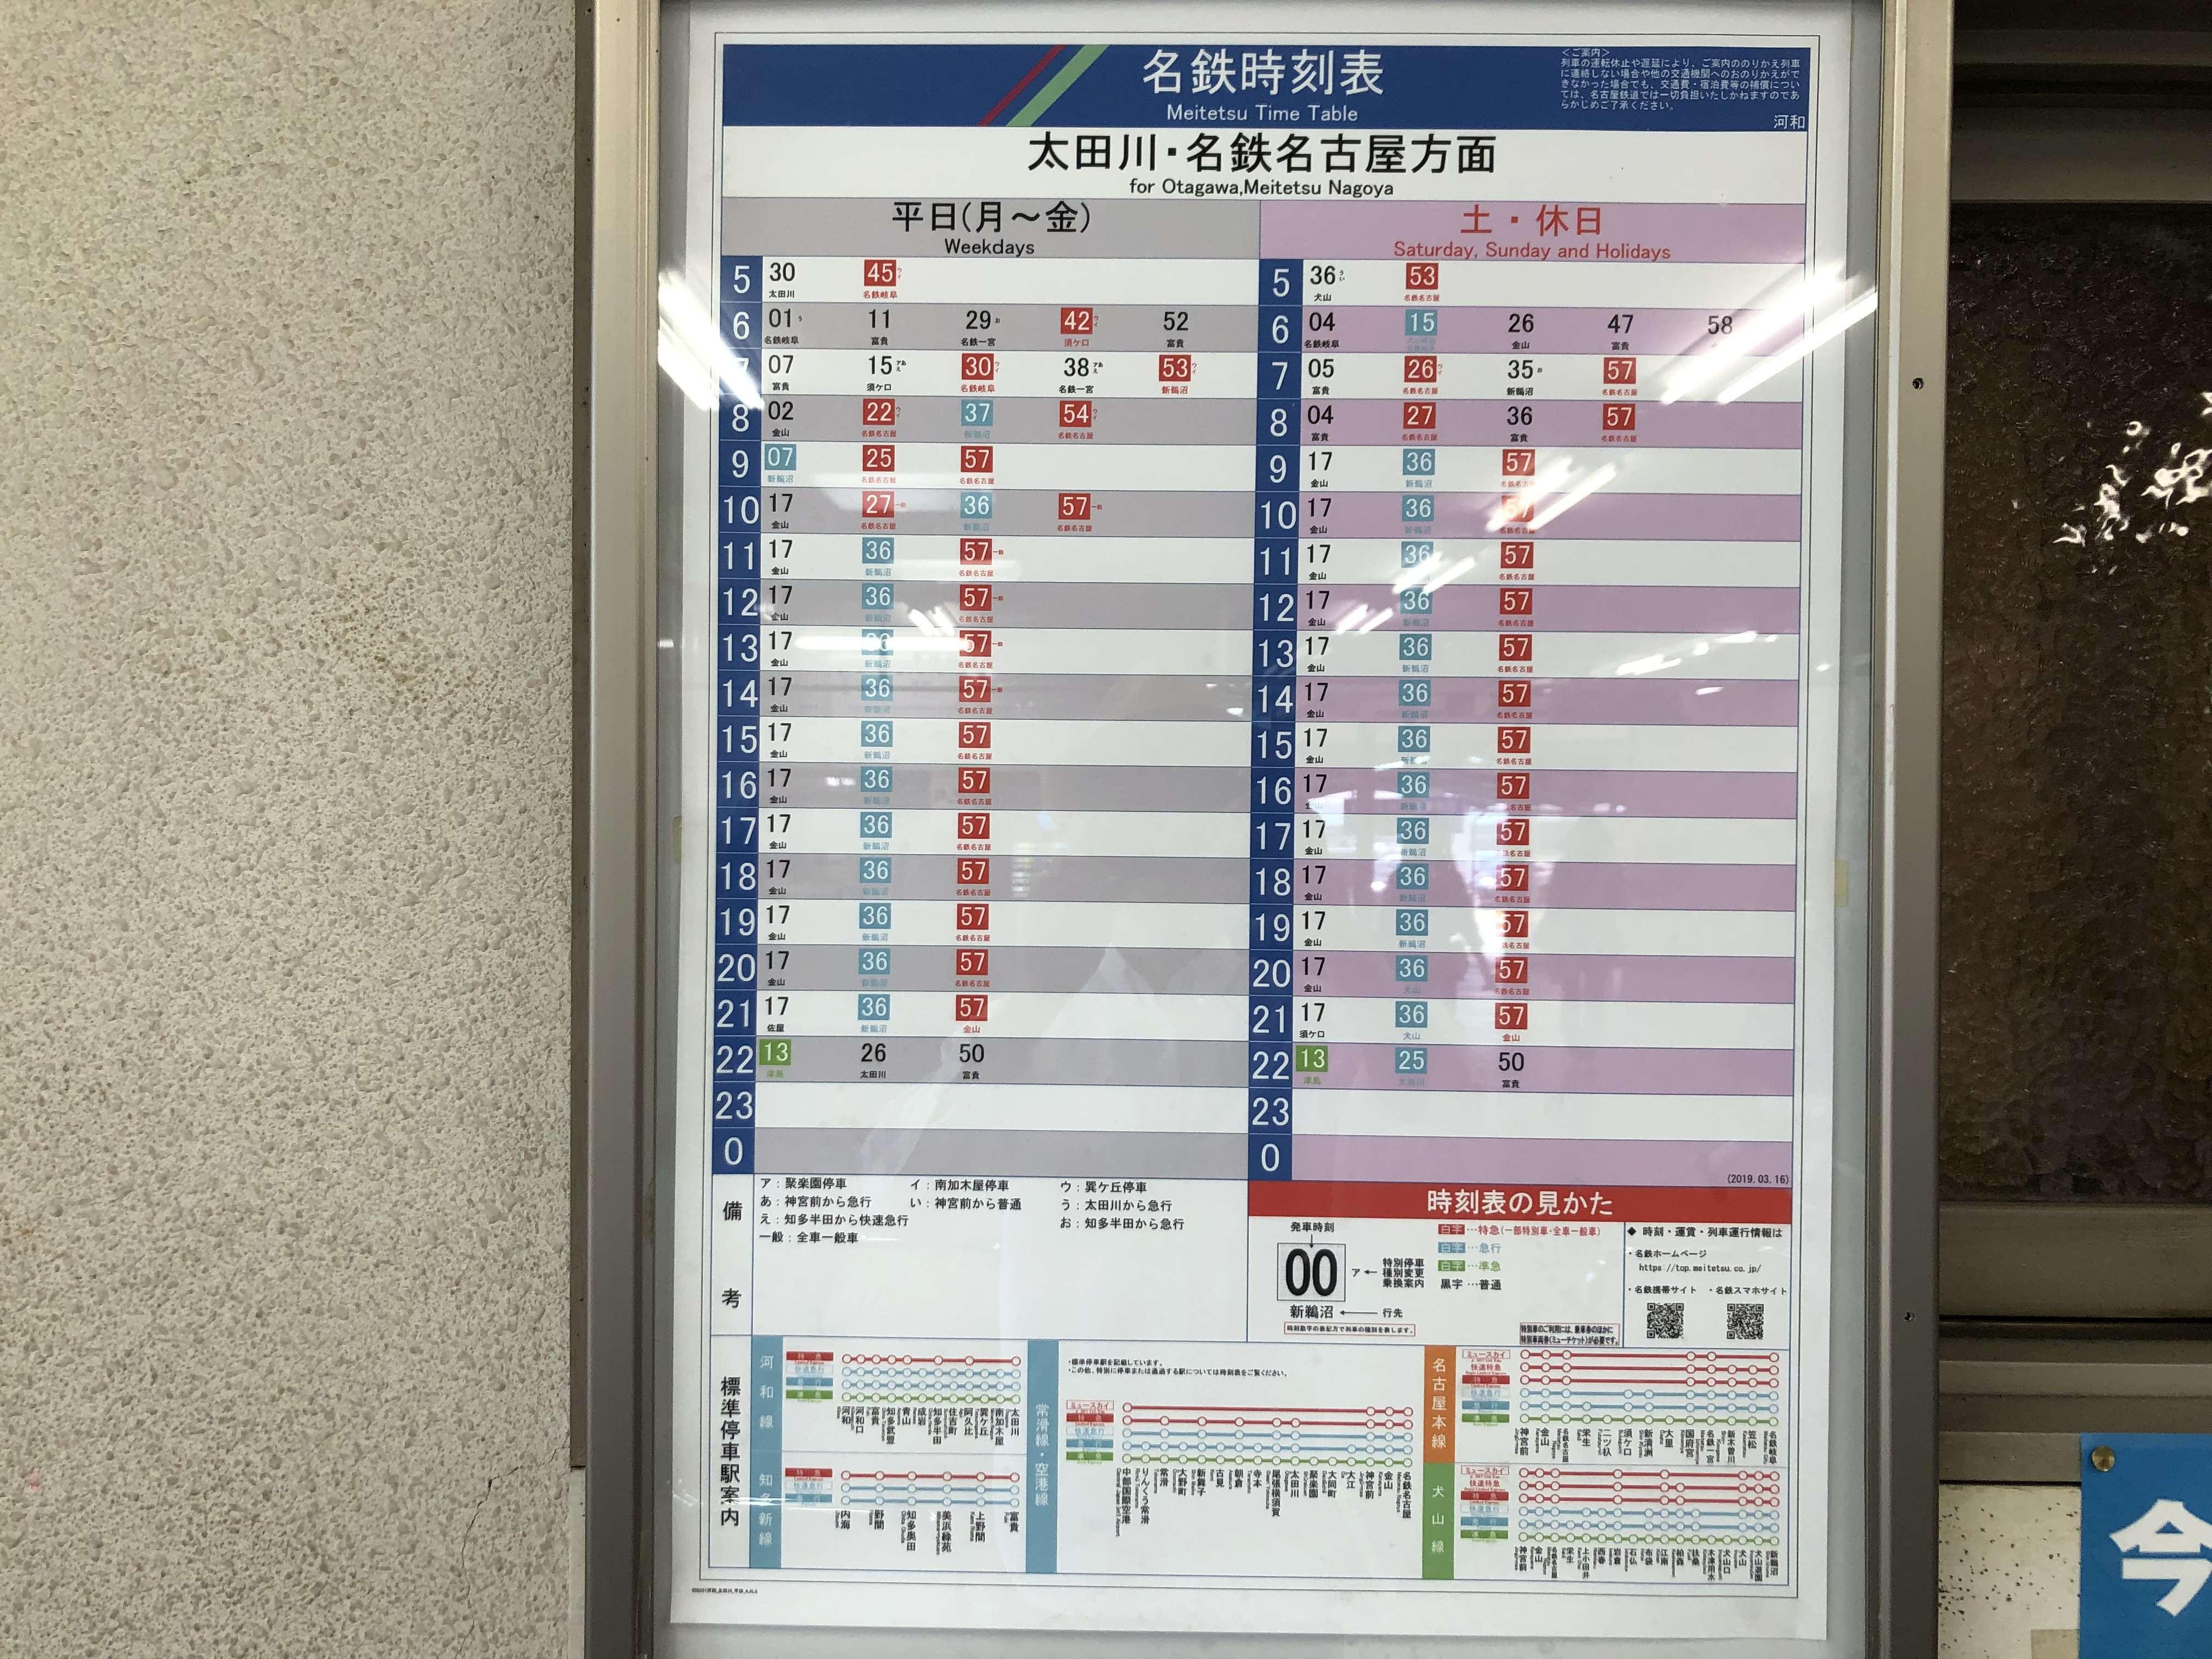 日間賀島 河和港 名鉄 名古屋駅方面 時刻表